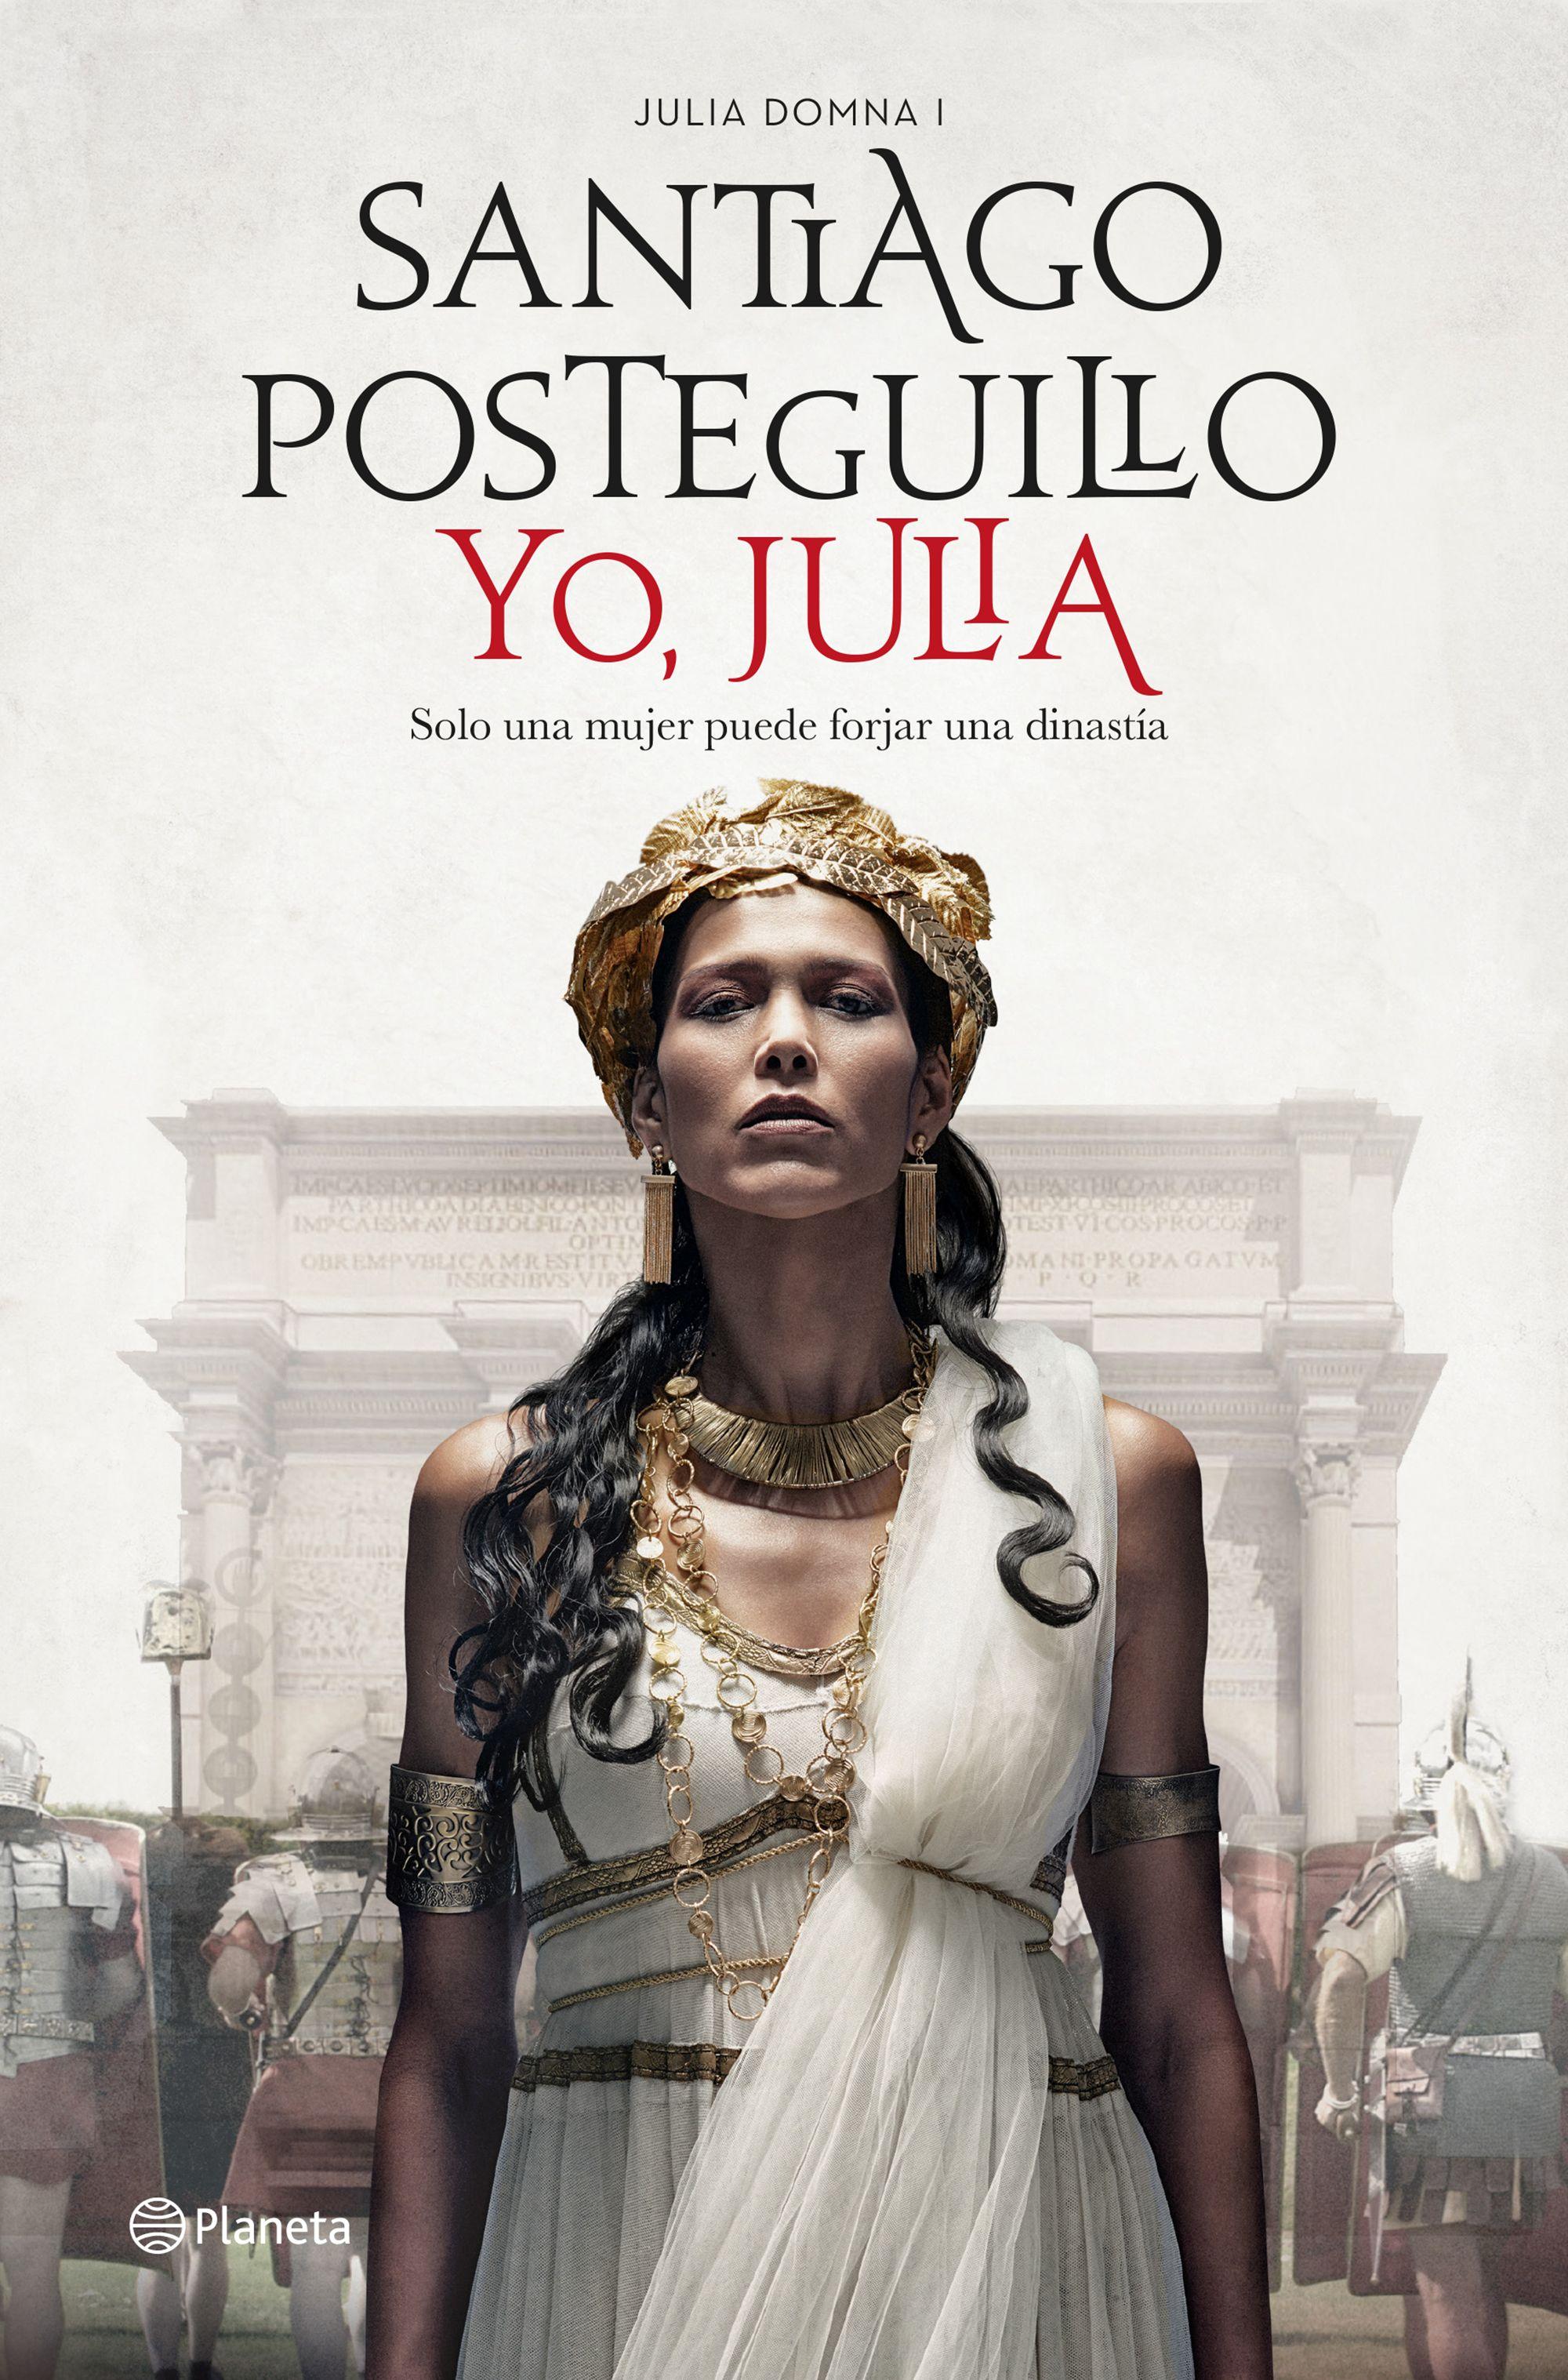 Yo, Julia (premio Planeta 2018) por Santiago Posteguillo